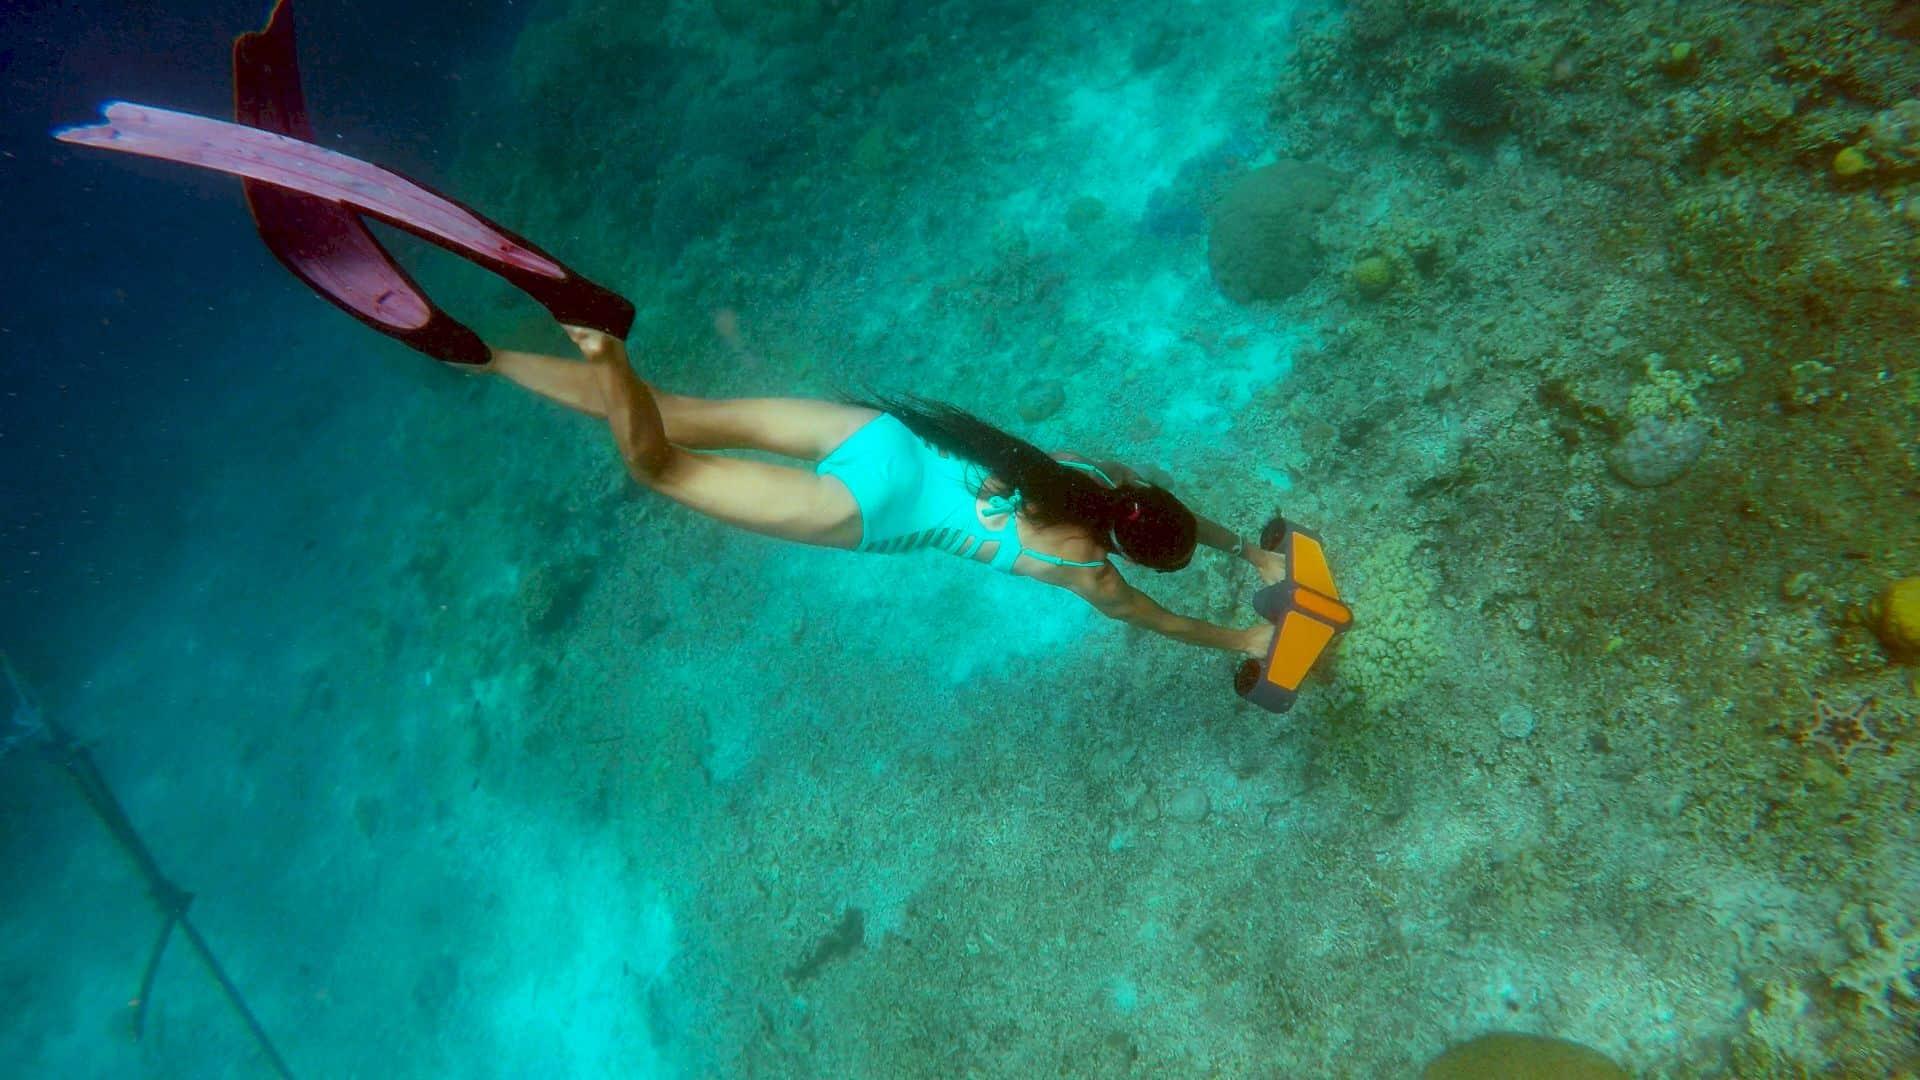 Trident Underwater Scooter 2